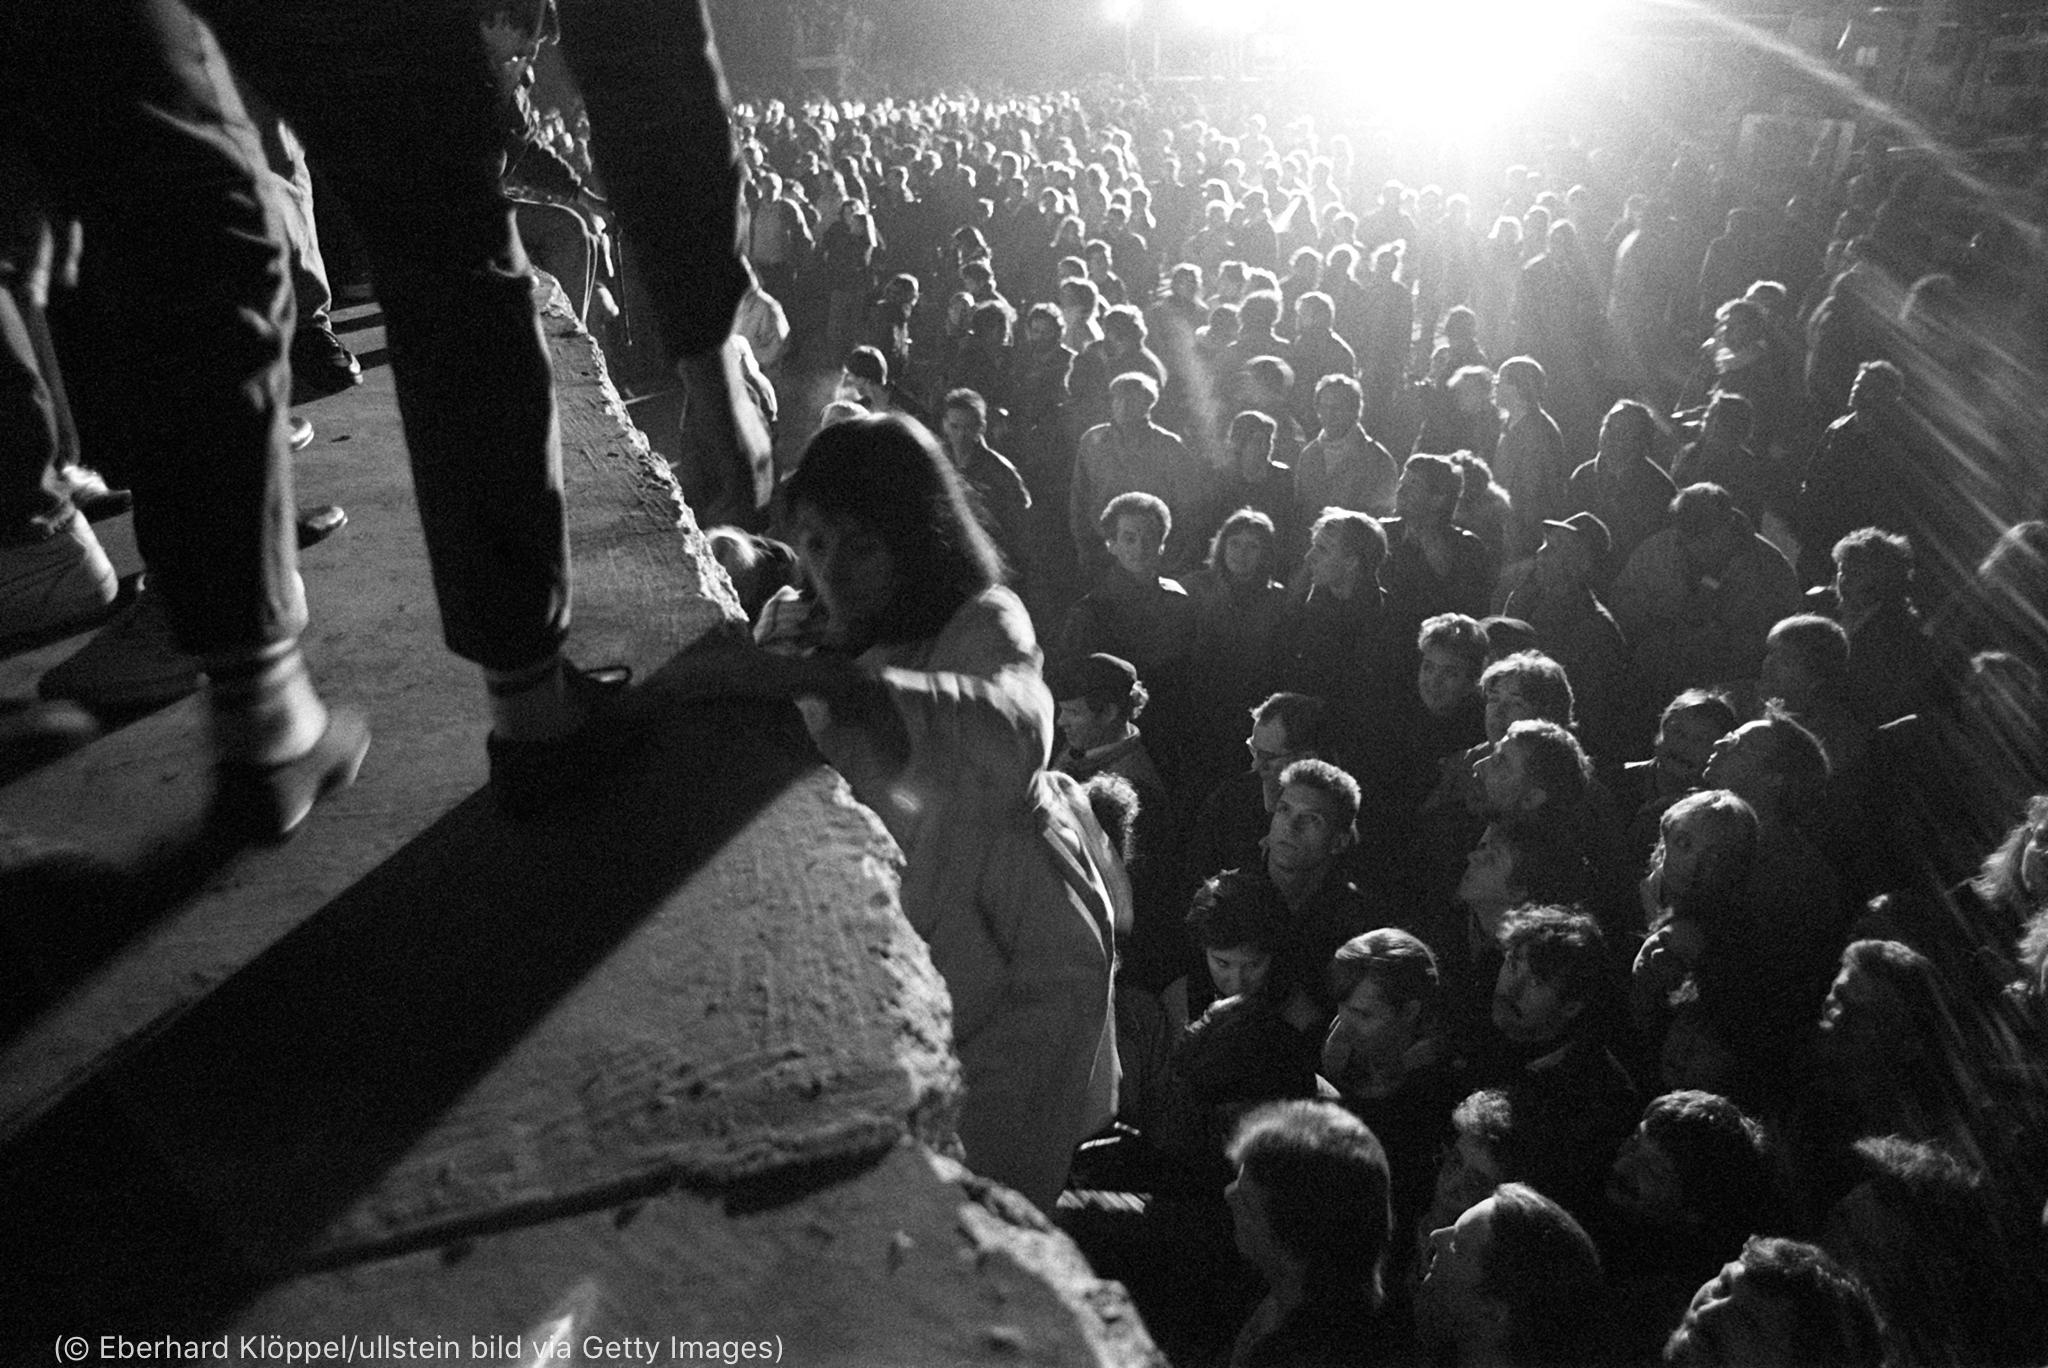 Une femme escaladant un mur devant une foule rassemblée en contrebas (© Eberhard Klöppel/ullstein bild via Getty Images)